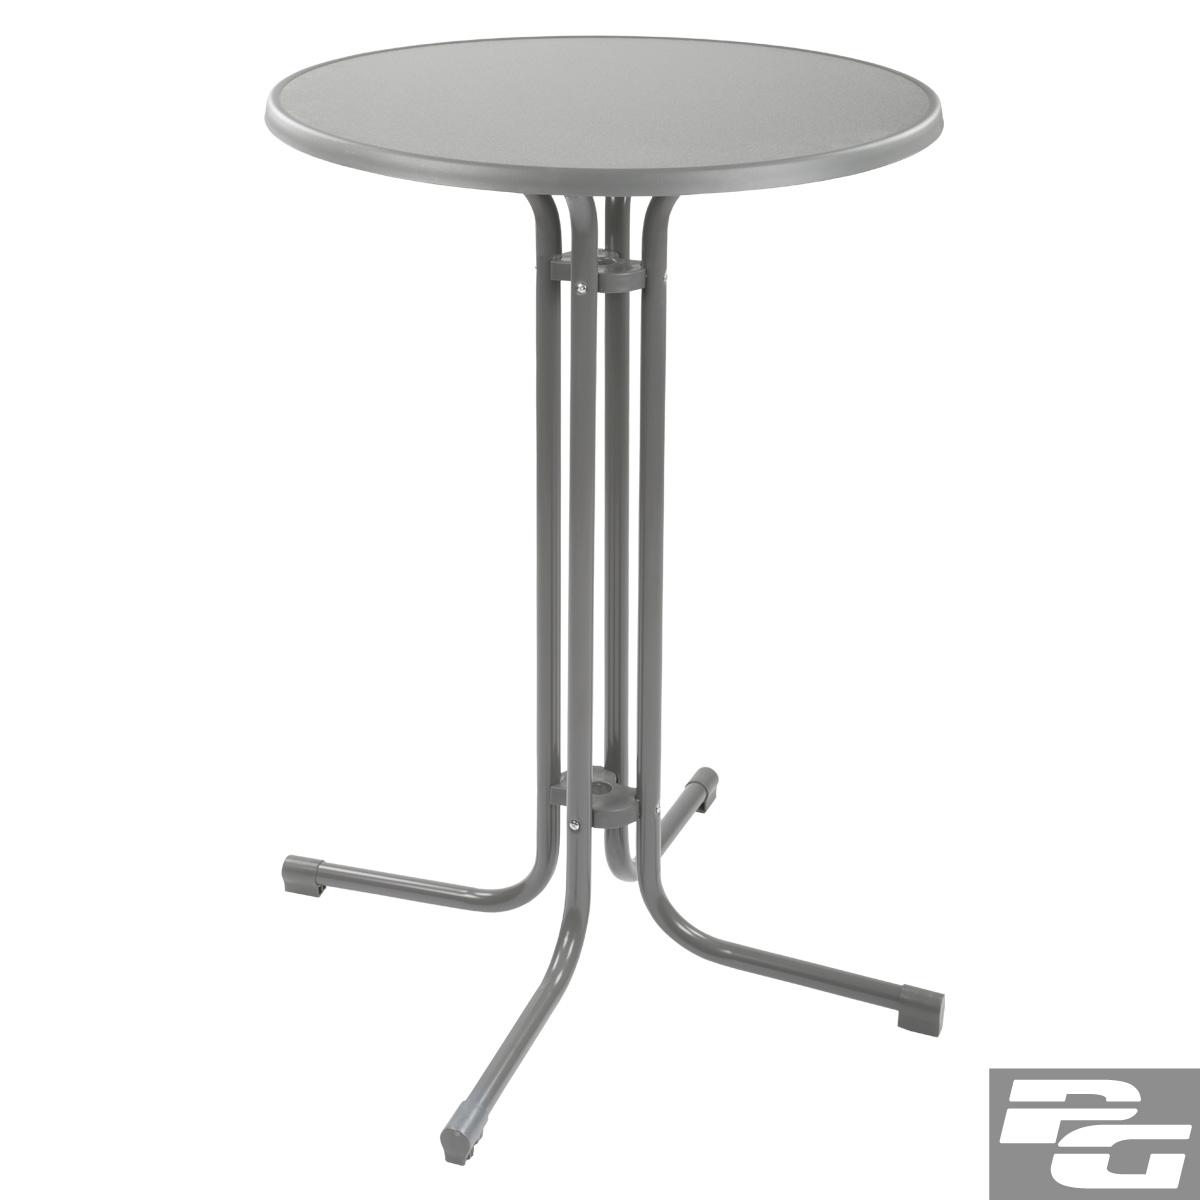 70cm stehtisch klappbar in 3 farben stahl bistrotisch bartisch klapptisch ebay. Black Bedroom Furniture Sets. Home Design Ideas